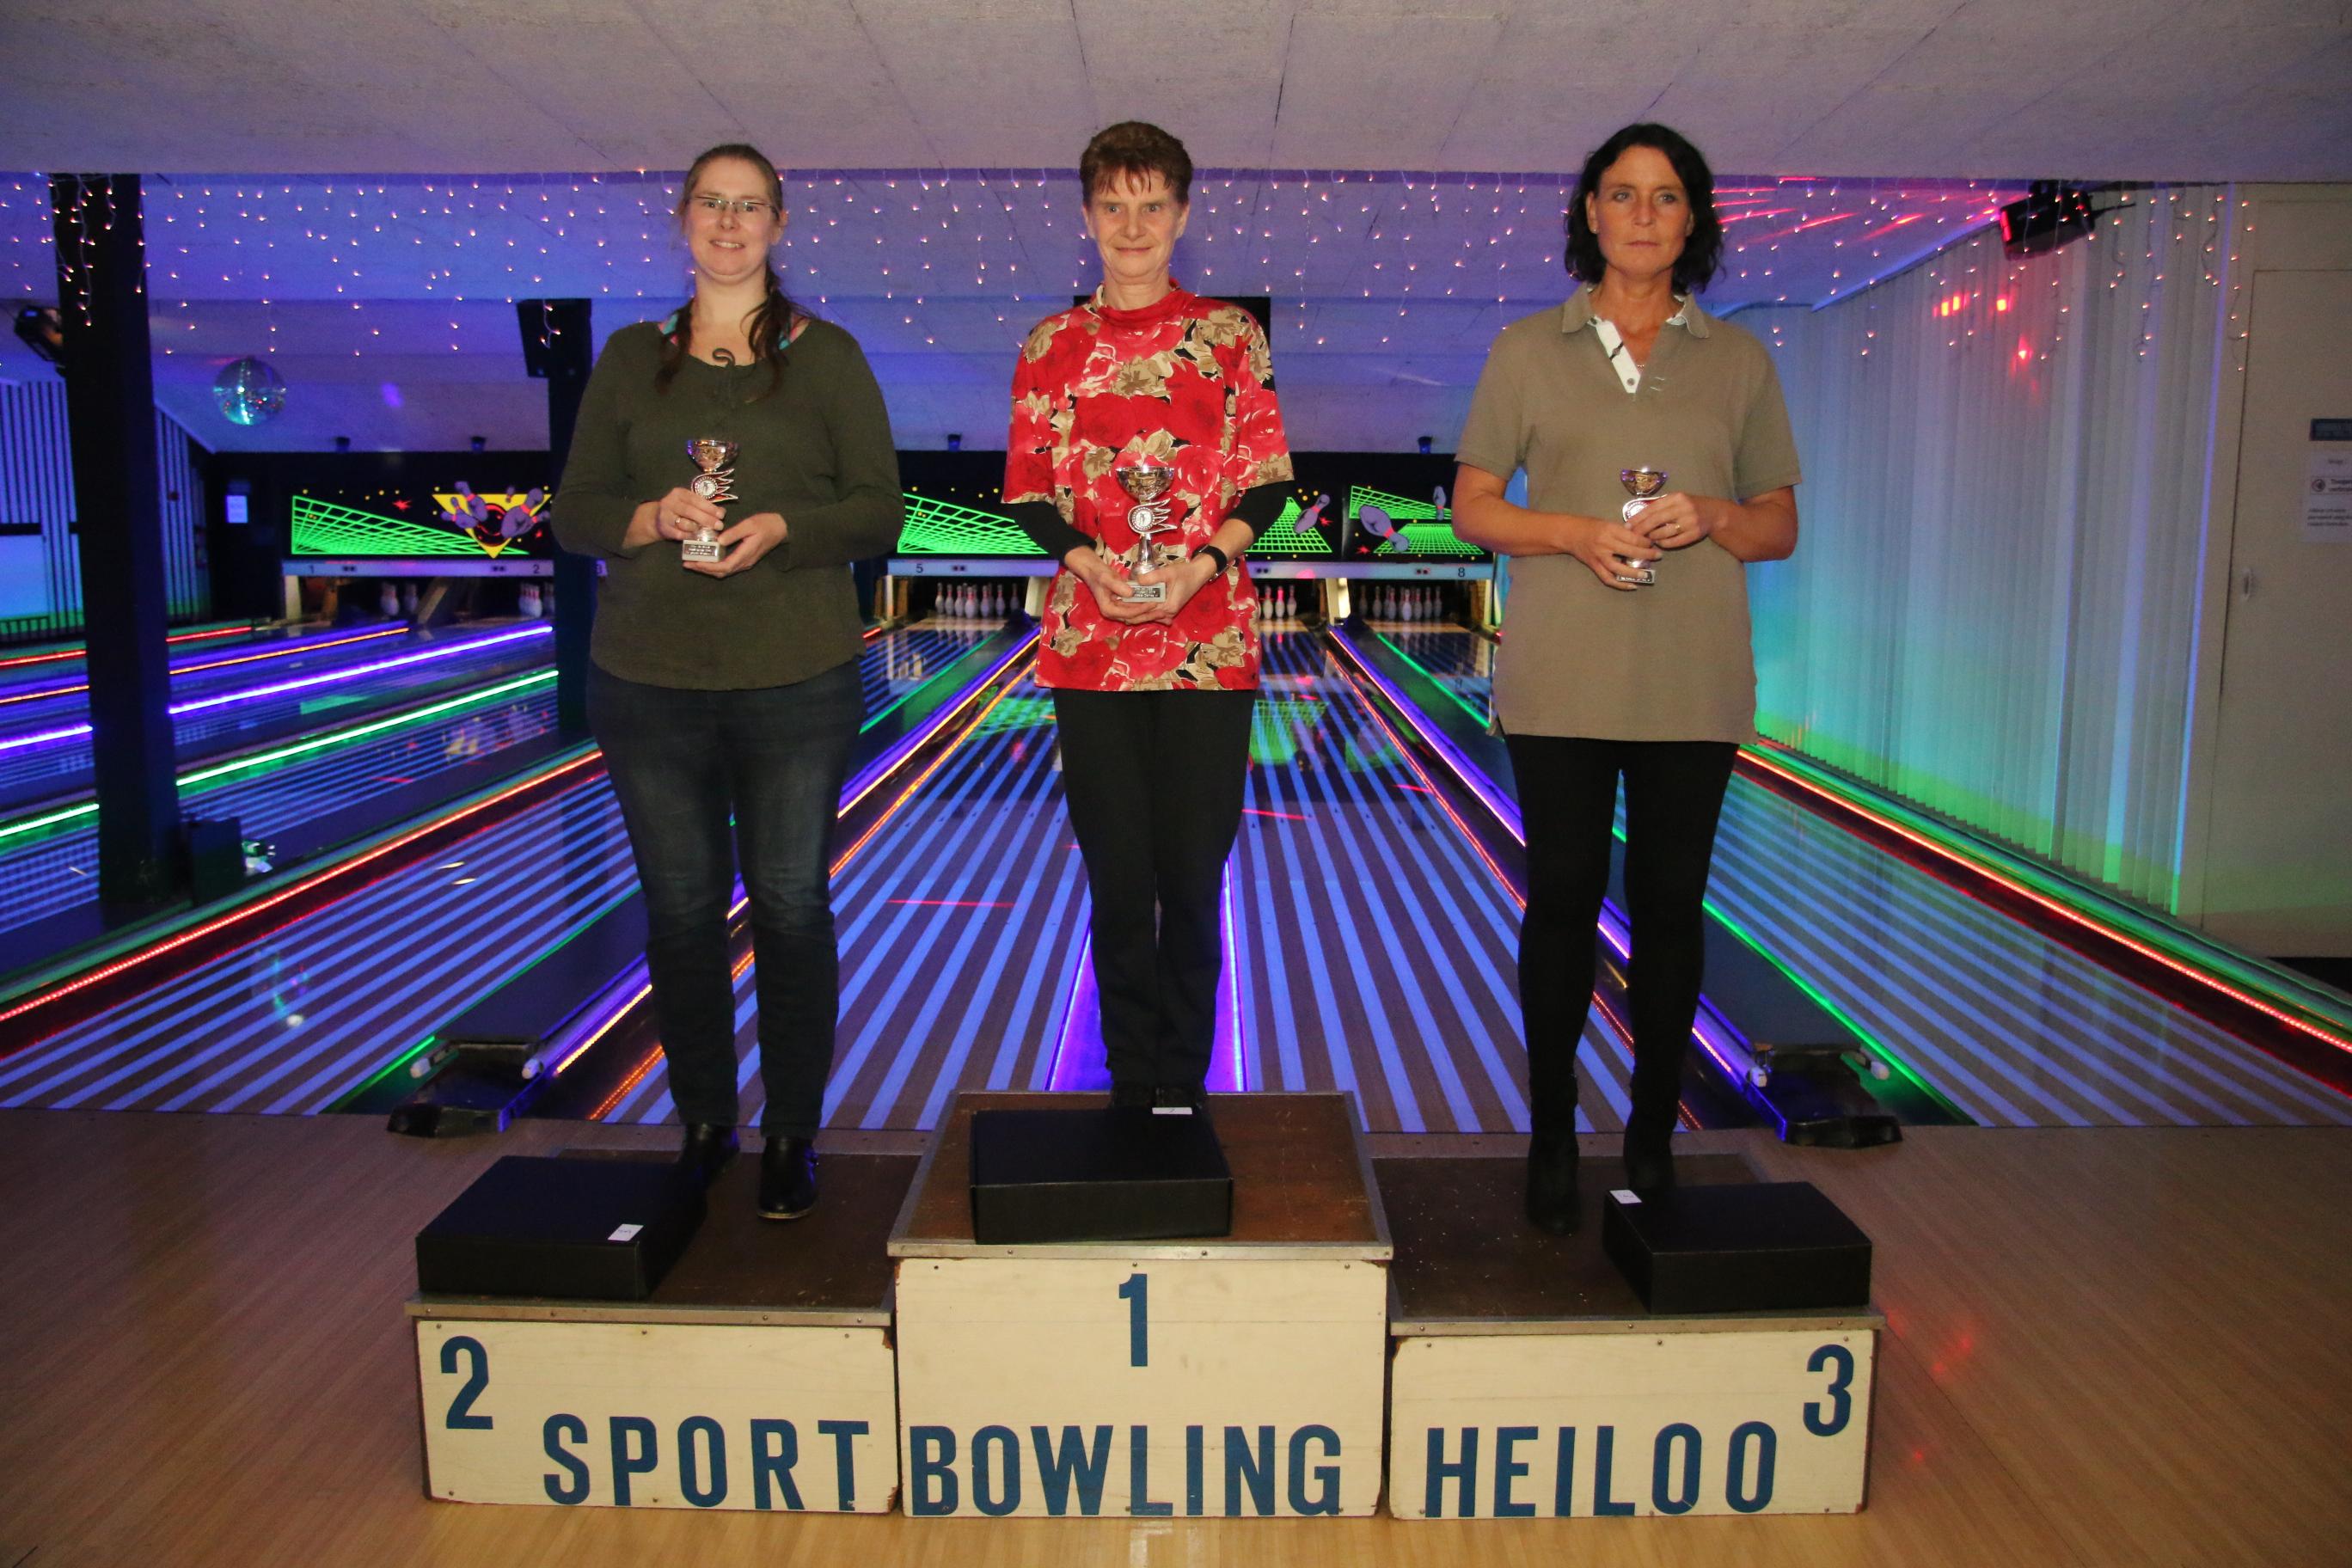 http://www.bowlingverenigingheiloo.nl/fotos_verhalen/foto's/2016_1222-Kerst-Dames-A.jpg